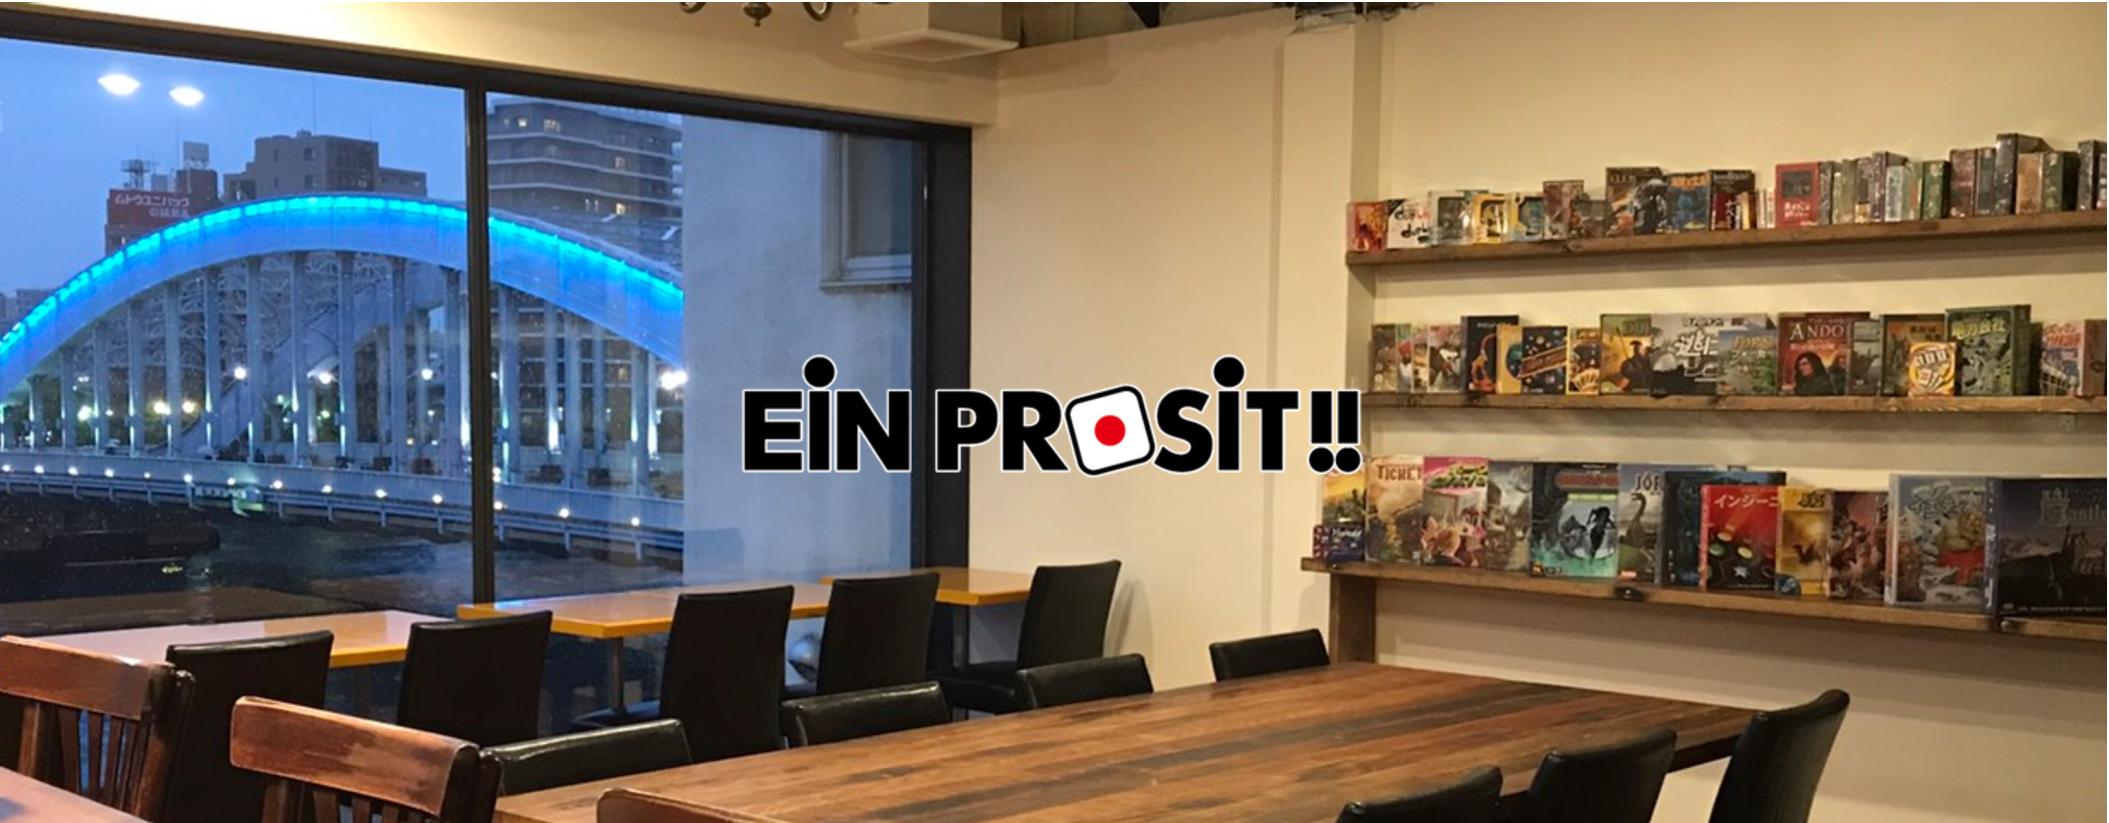 ボードゲームカフェ『Ein Prosit!』